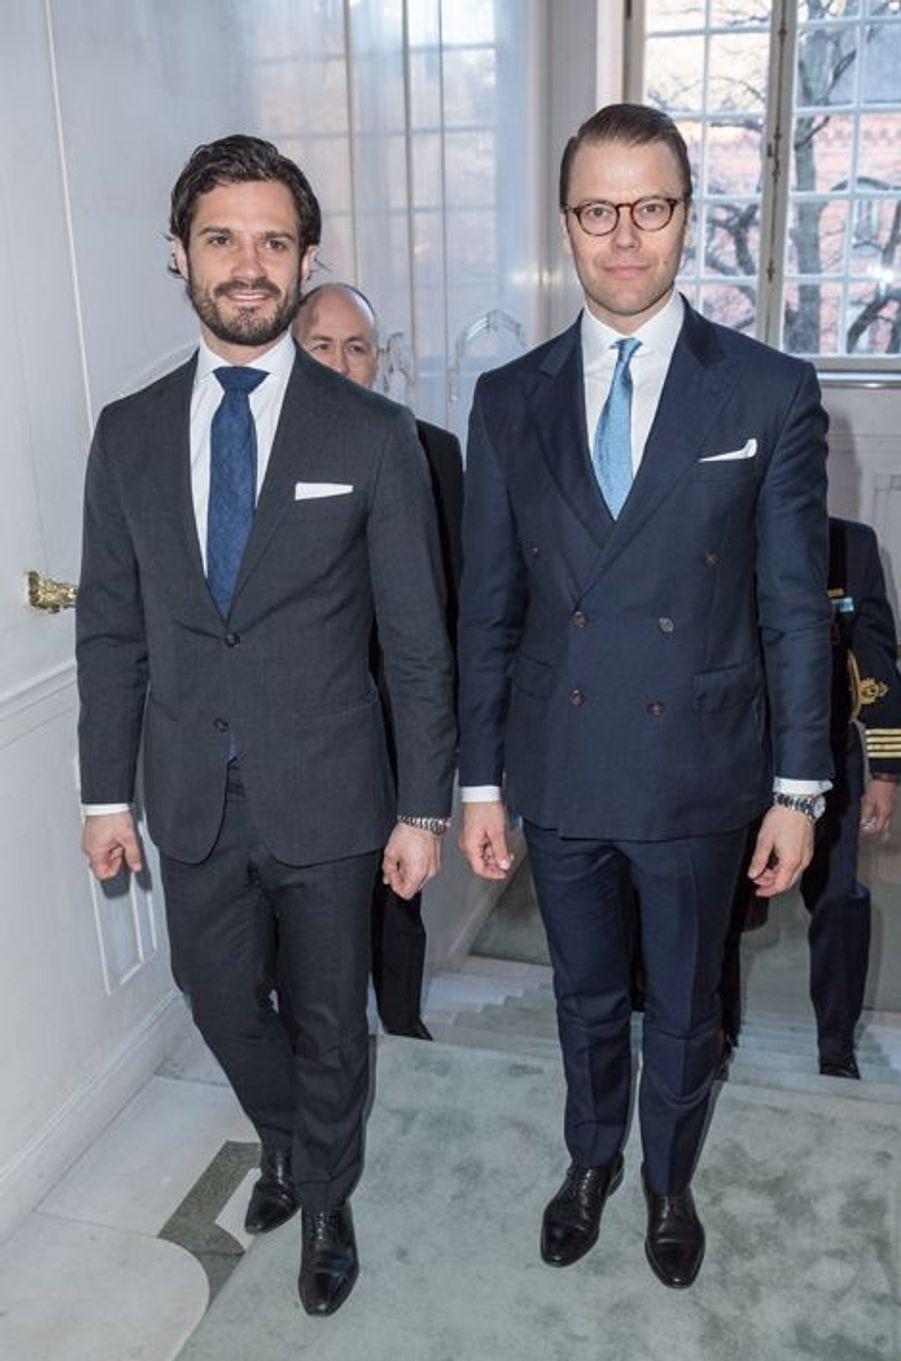 Les princes Carl Philip et Daniel de Suède au Théâtre royal dramatique à Stockholm, le 25 avril 2016